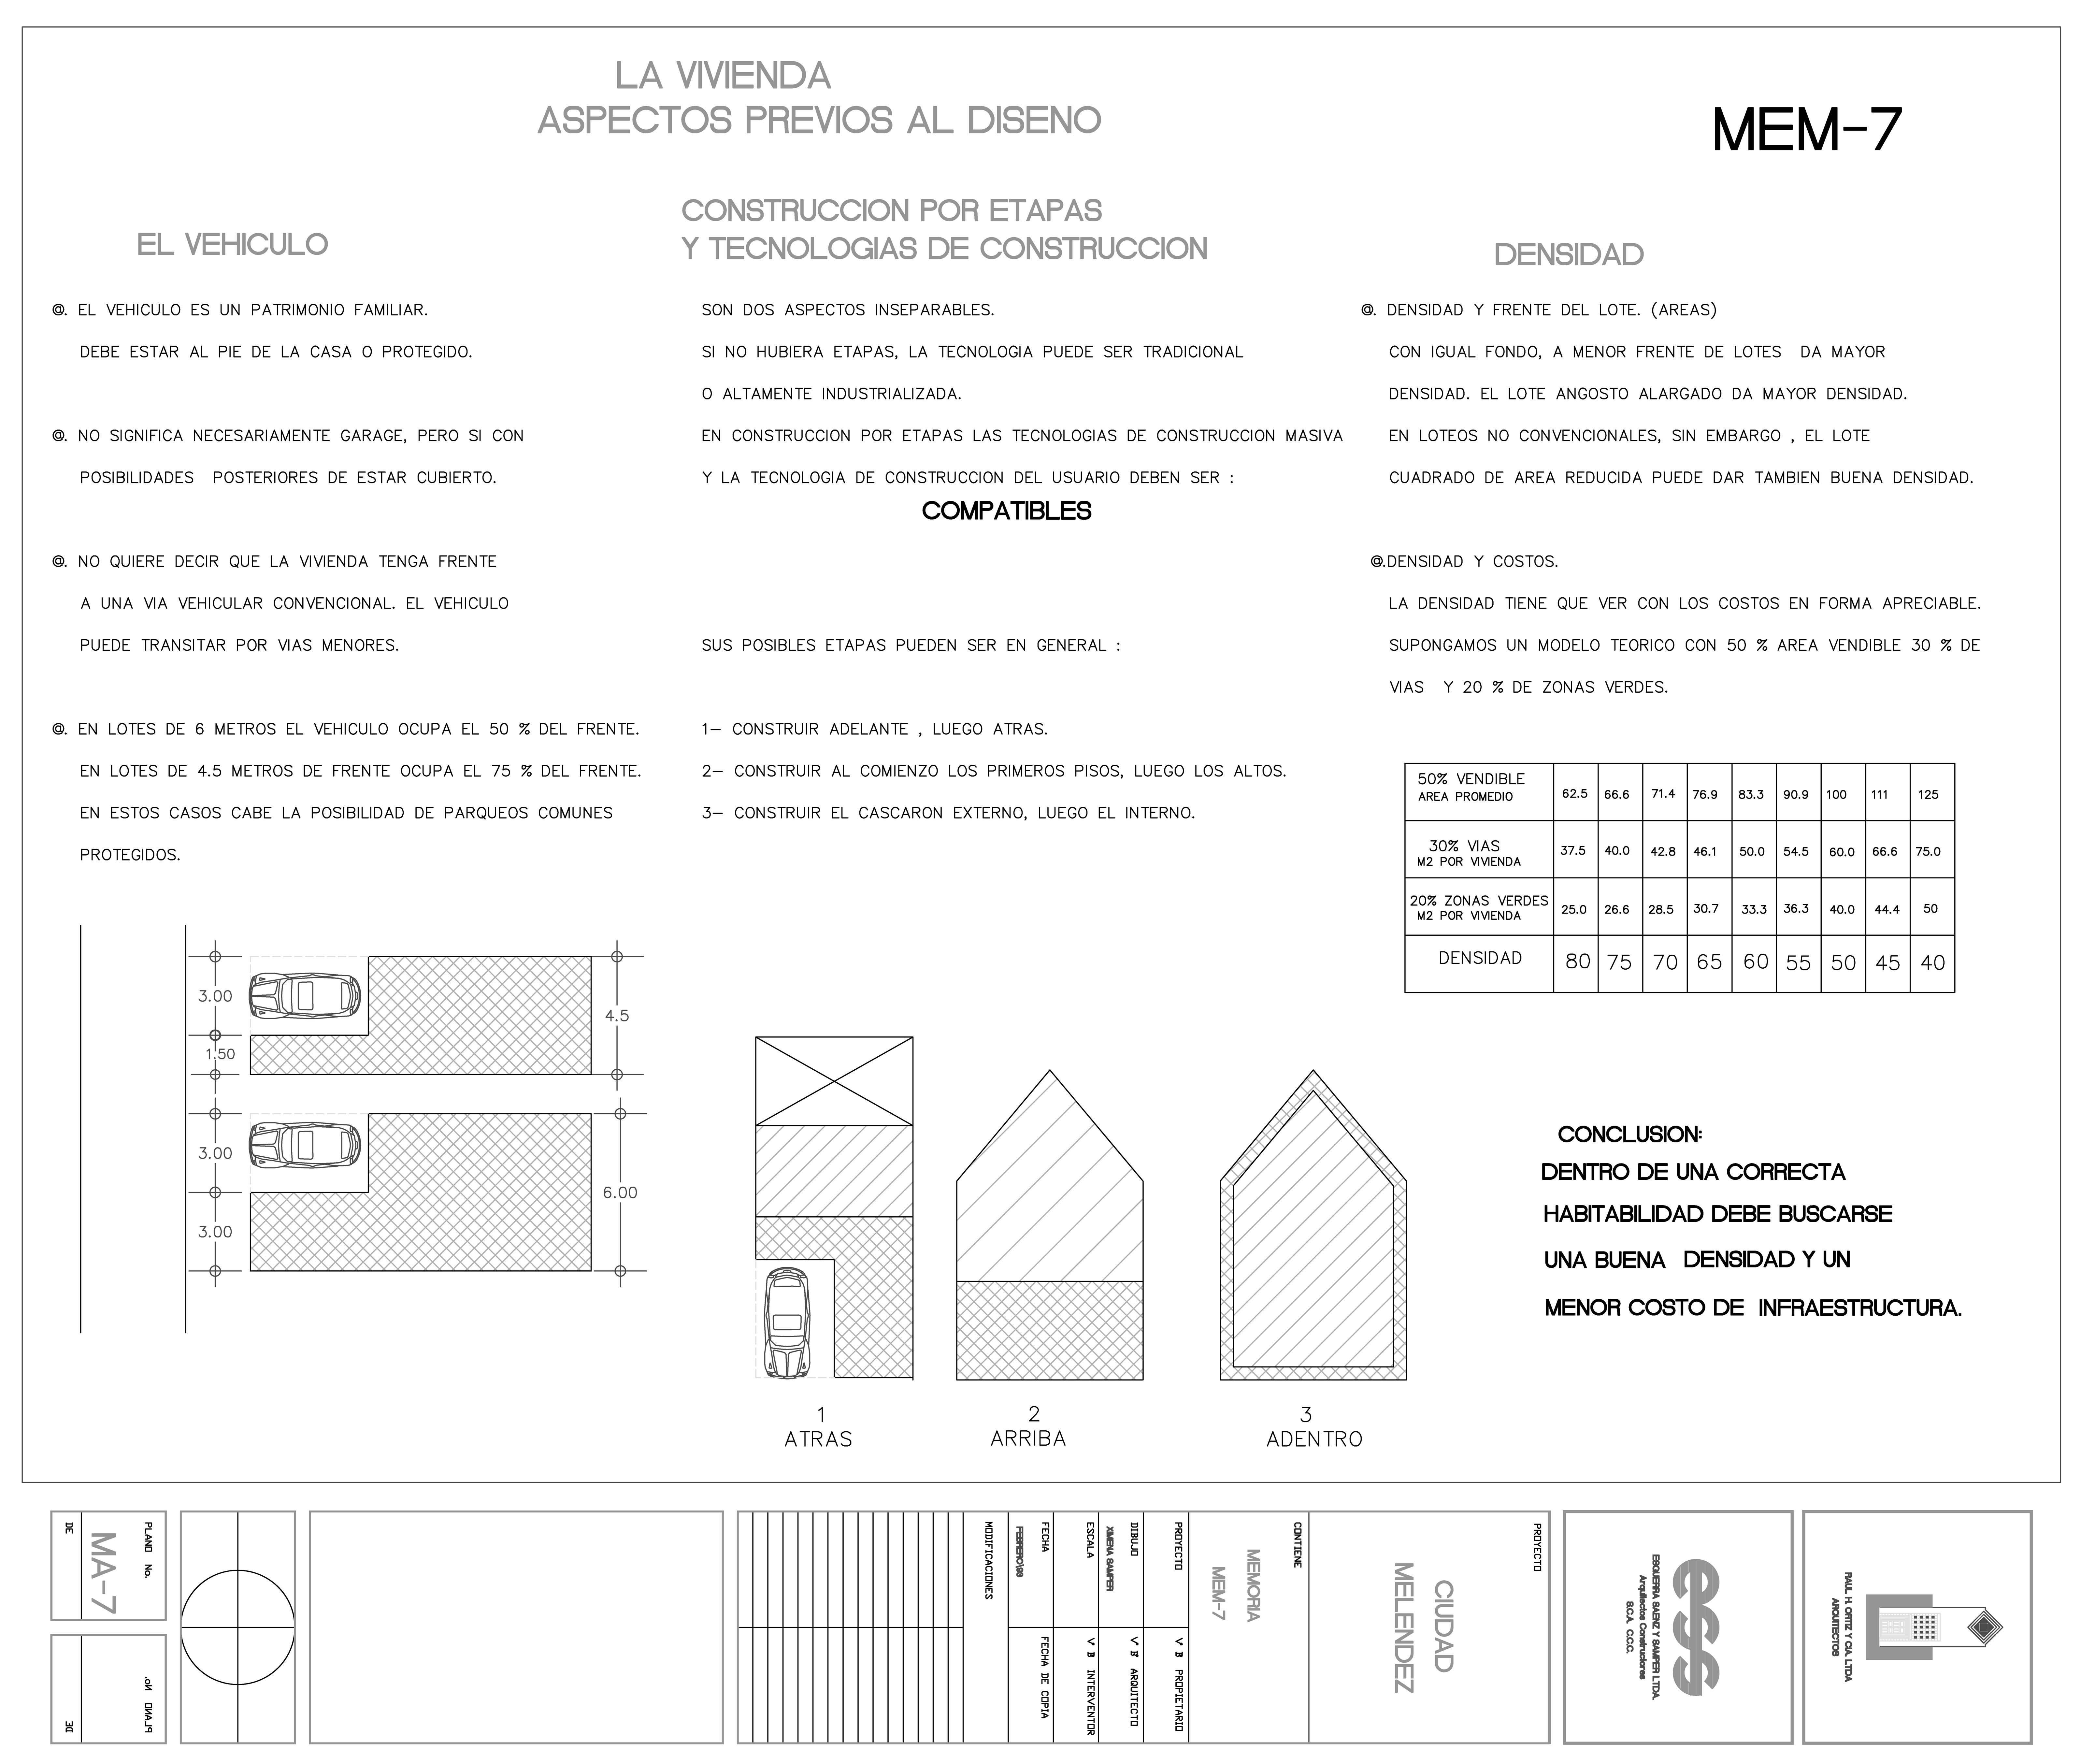 CM-Memoria-P7 Model (1).jpg